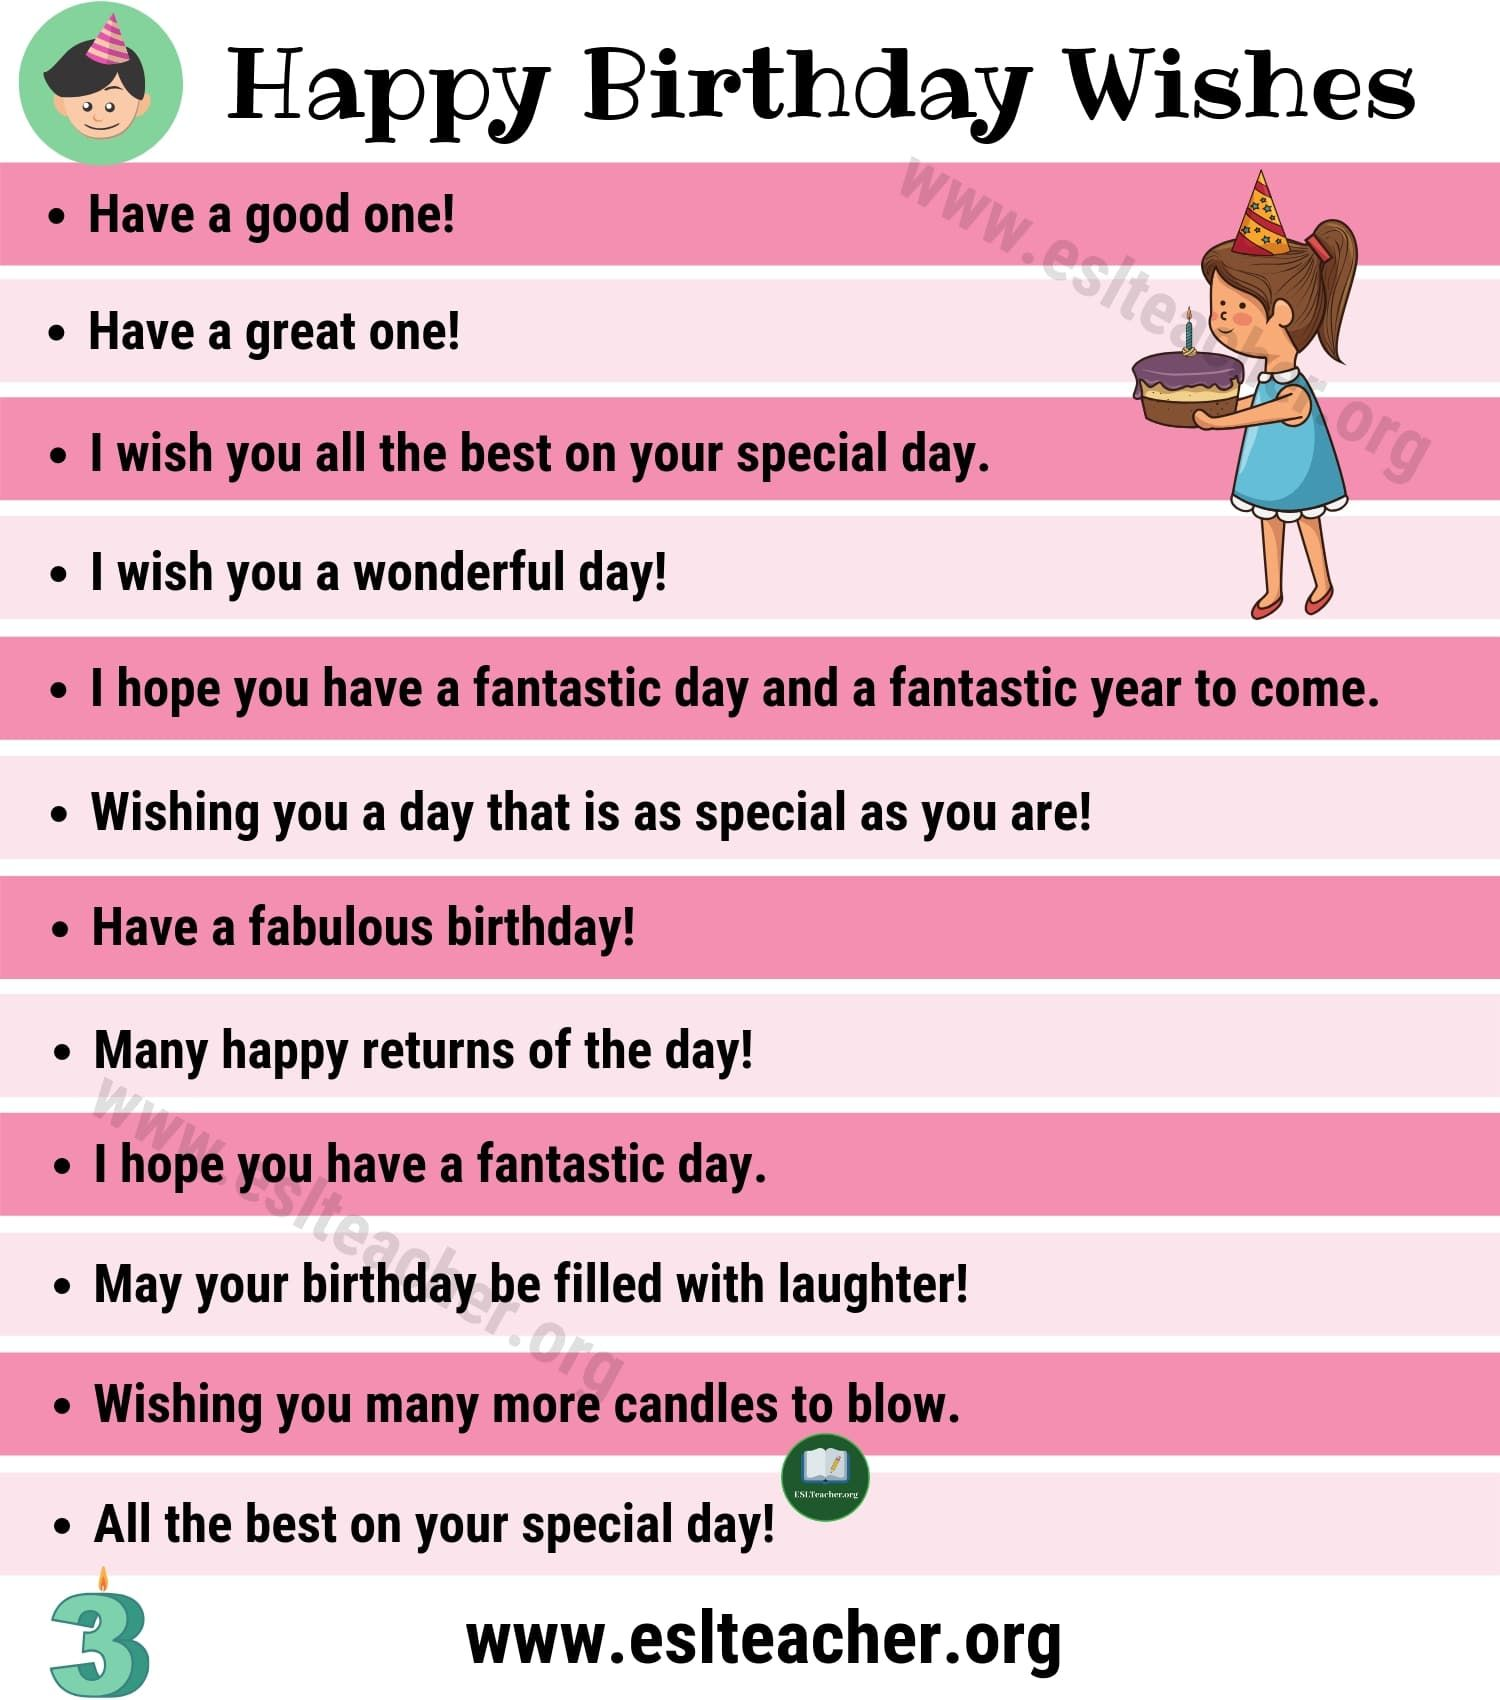 Birthday Wishes 35 Funny Ways To Say Happy Birthday In English Esl Teacher Birthday Wishes Happy Wishes Birthday Wishes Funny